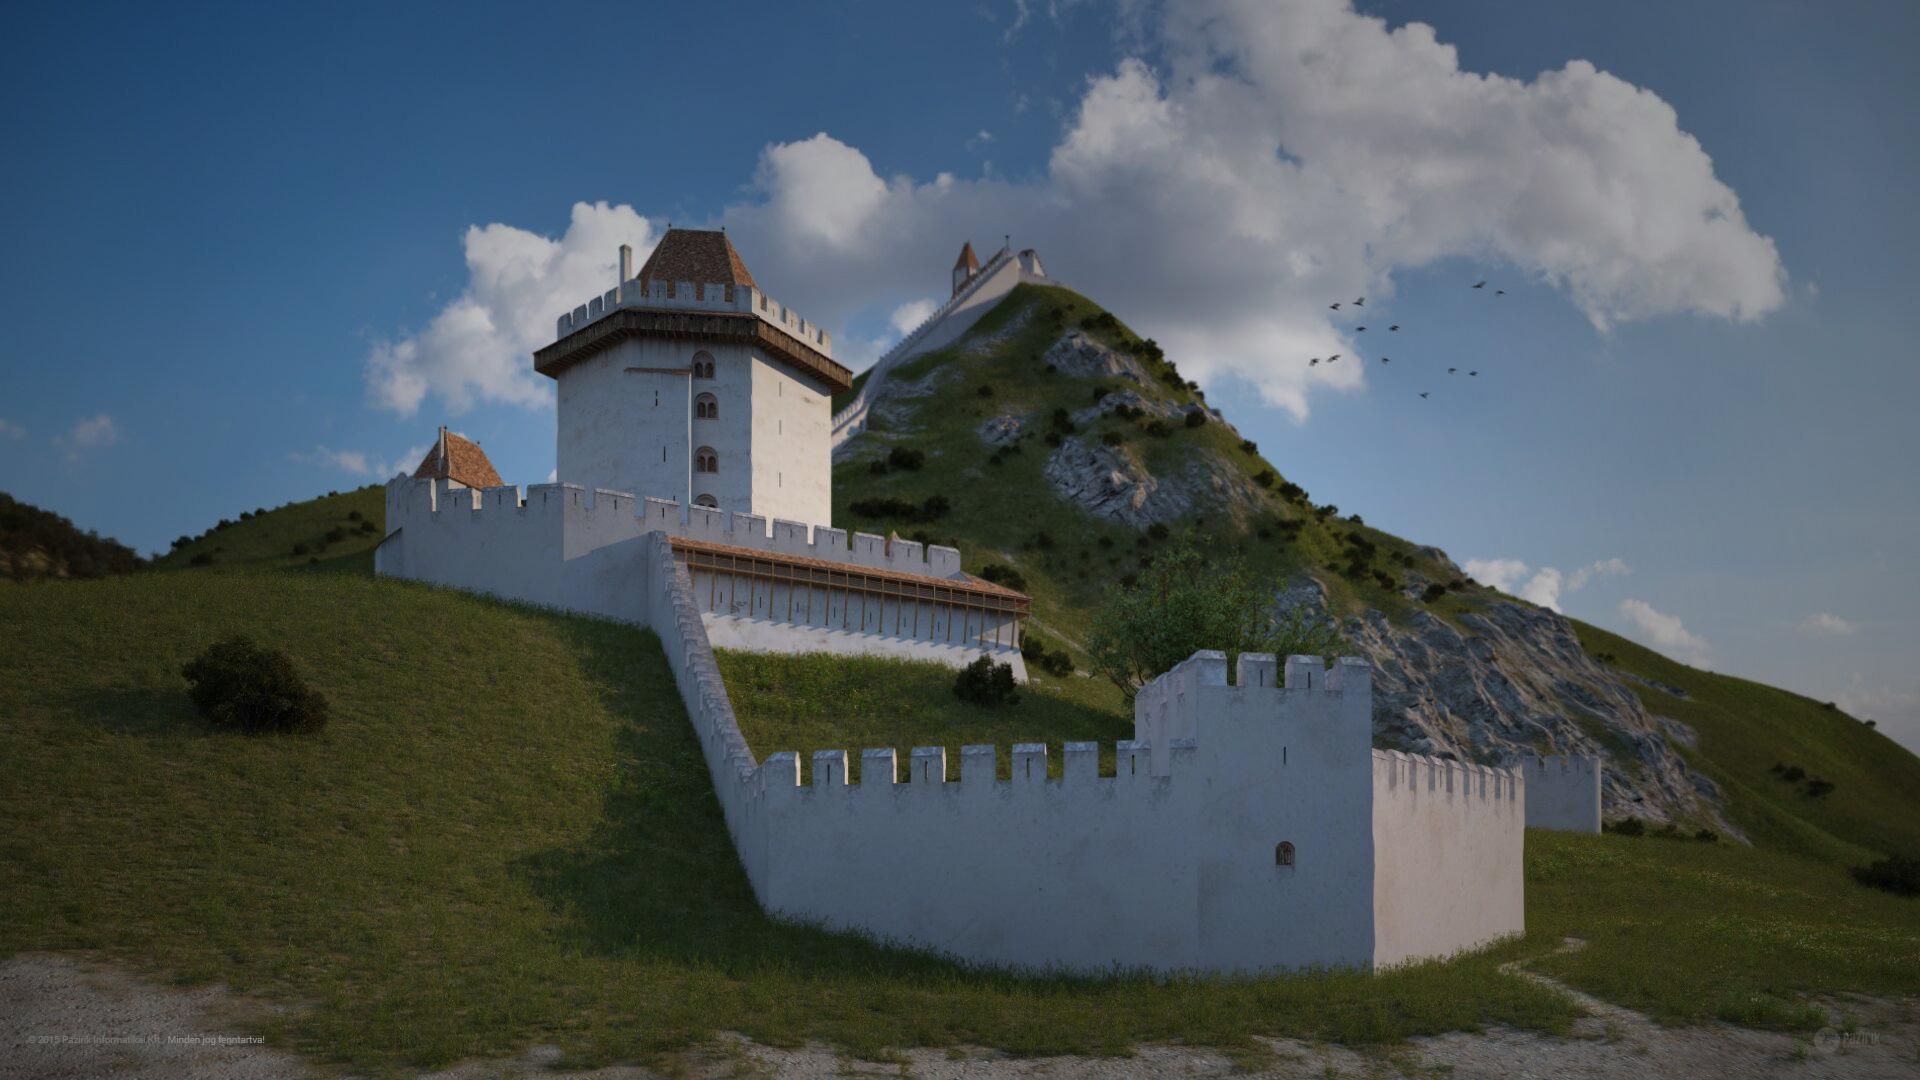 Visegrádi vár a 13. században